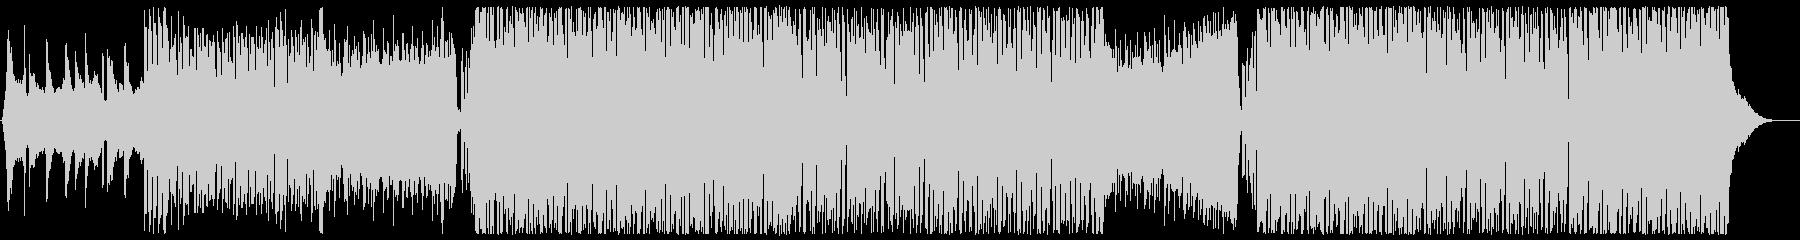 ドラマティックなフューチャーハウス歌なしの未再生の波形